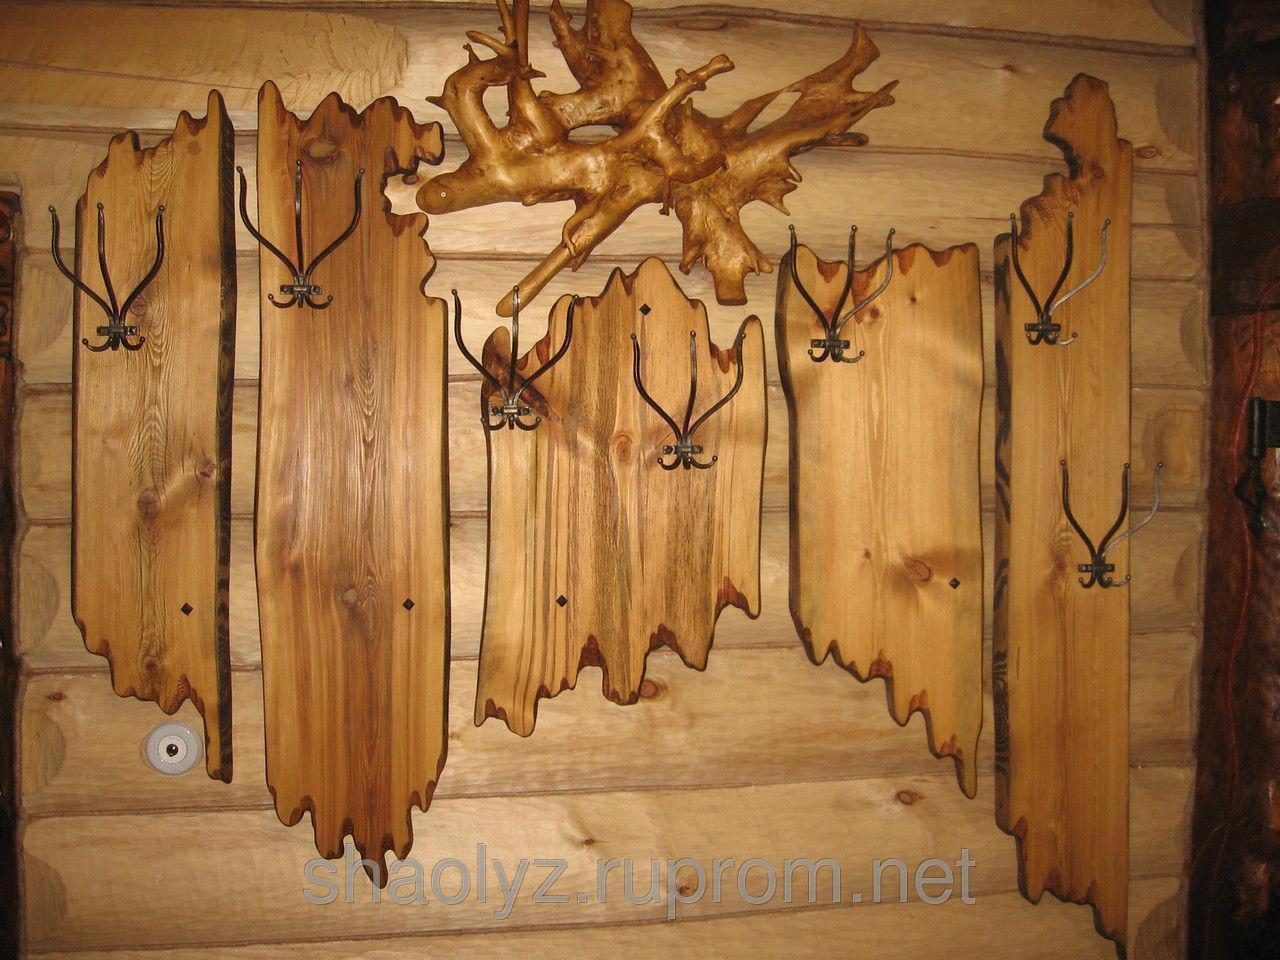 50 идей декора из дерева своими руками: из спилов, бревен 47